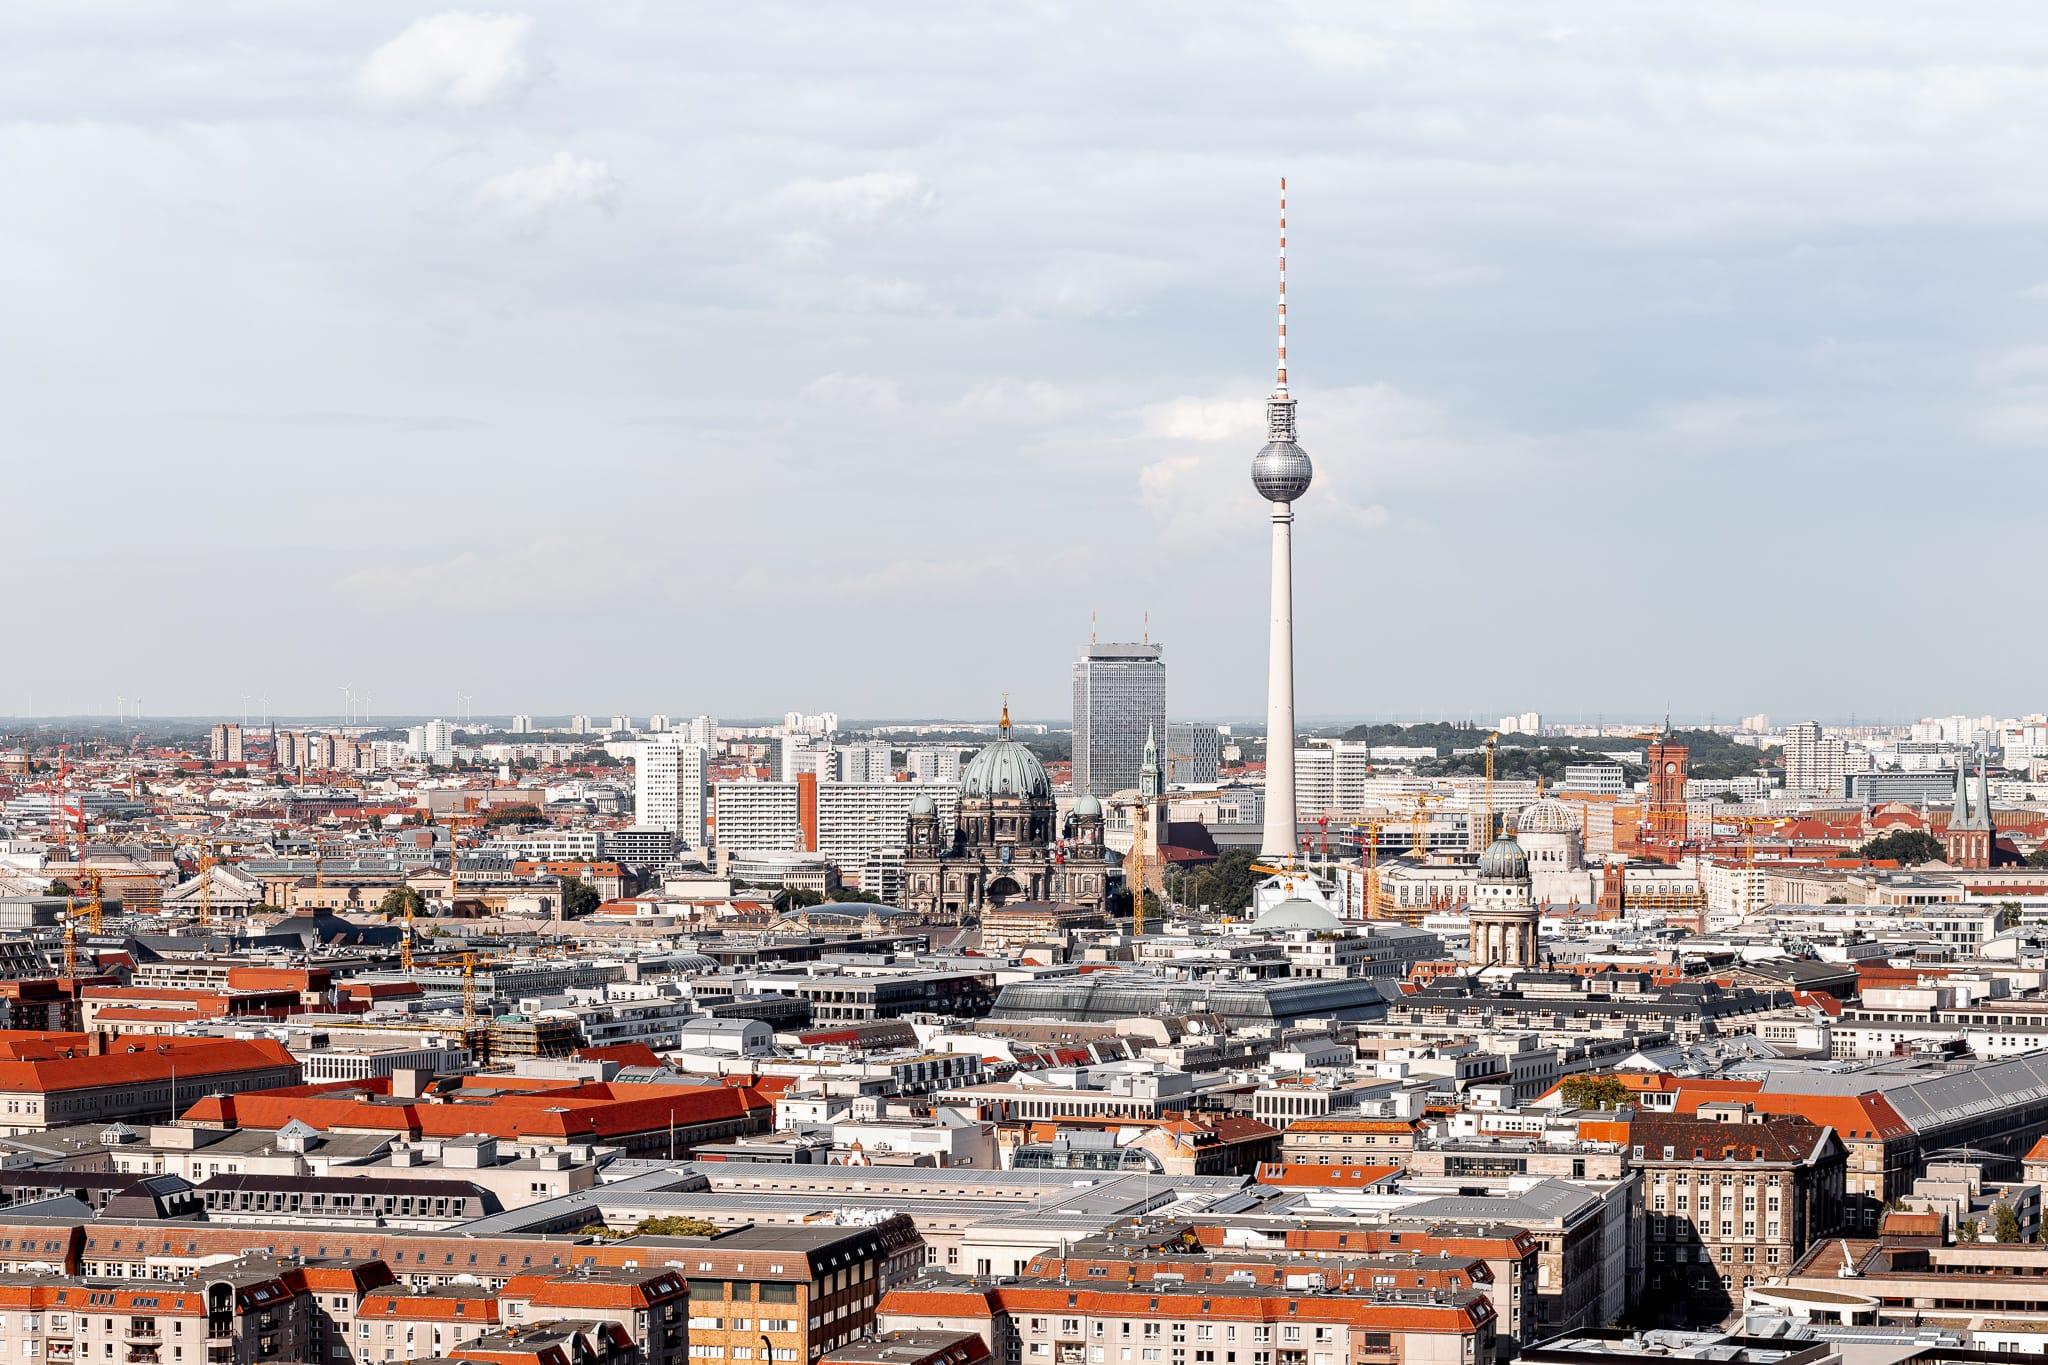 Berlin von oben mit Blick auf den Fernsehturm und den Berliner Dom